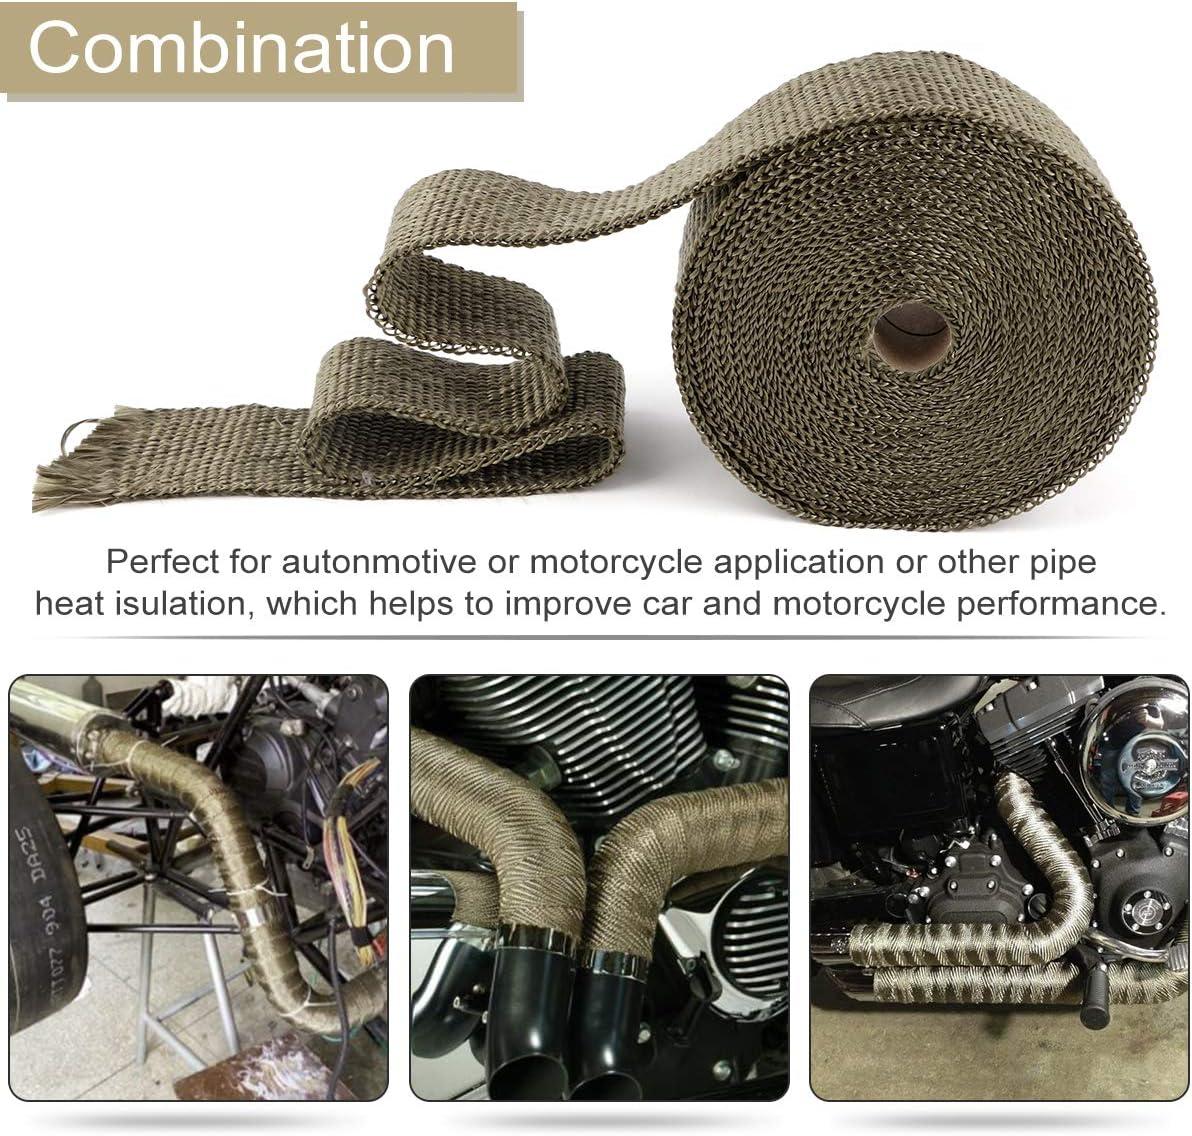 Protezione Calore Nastro con 10 Flange di Fissaggio per Tubi di Scarico per Auto e Moto Nastro Termico Isolante in Fibra di Vetro 10M*5CM